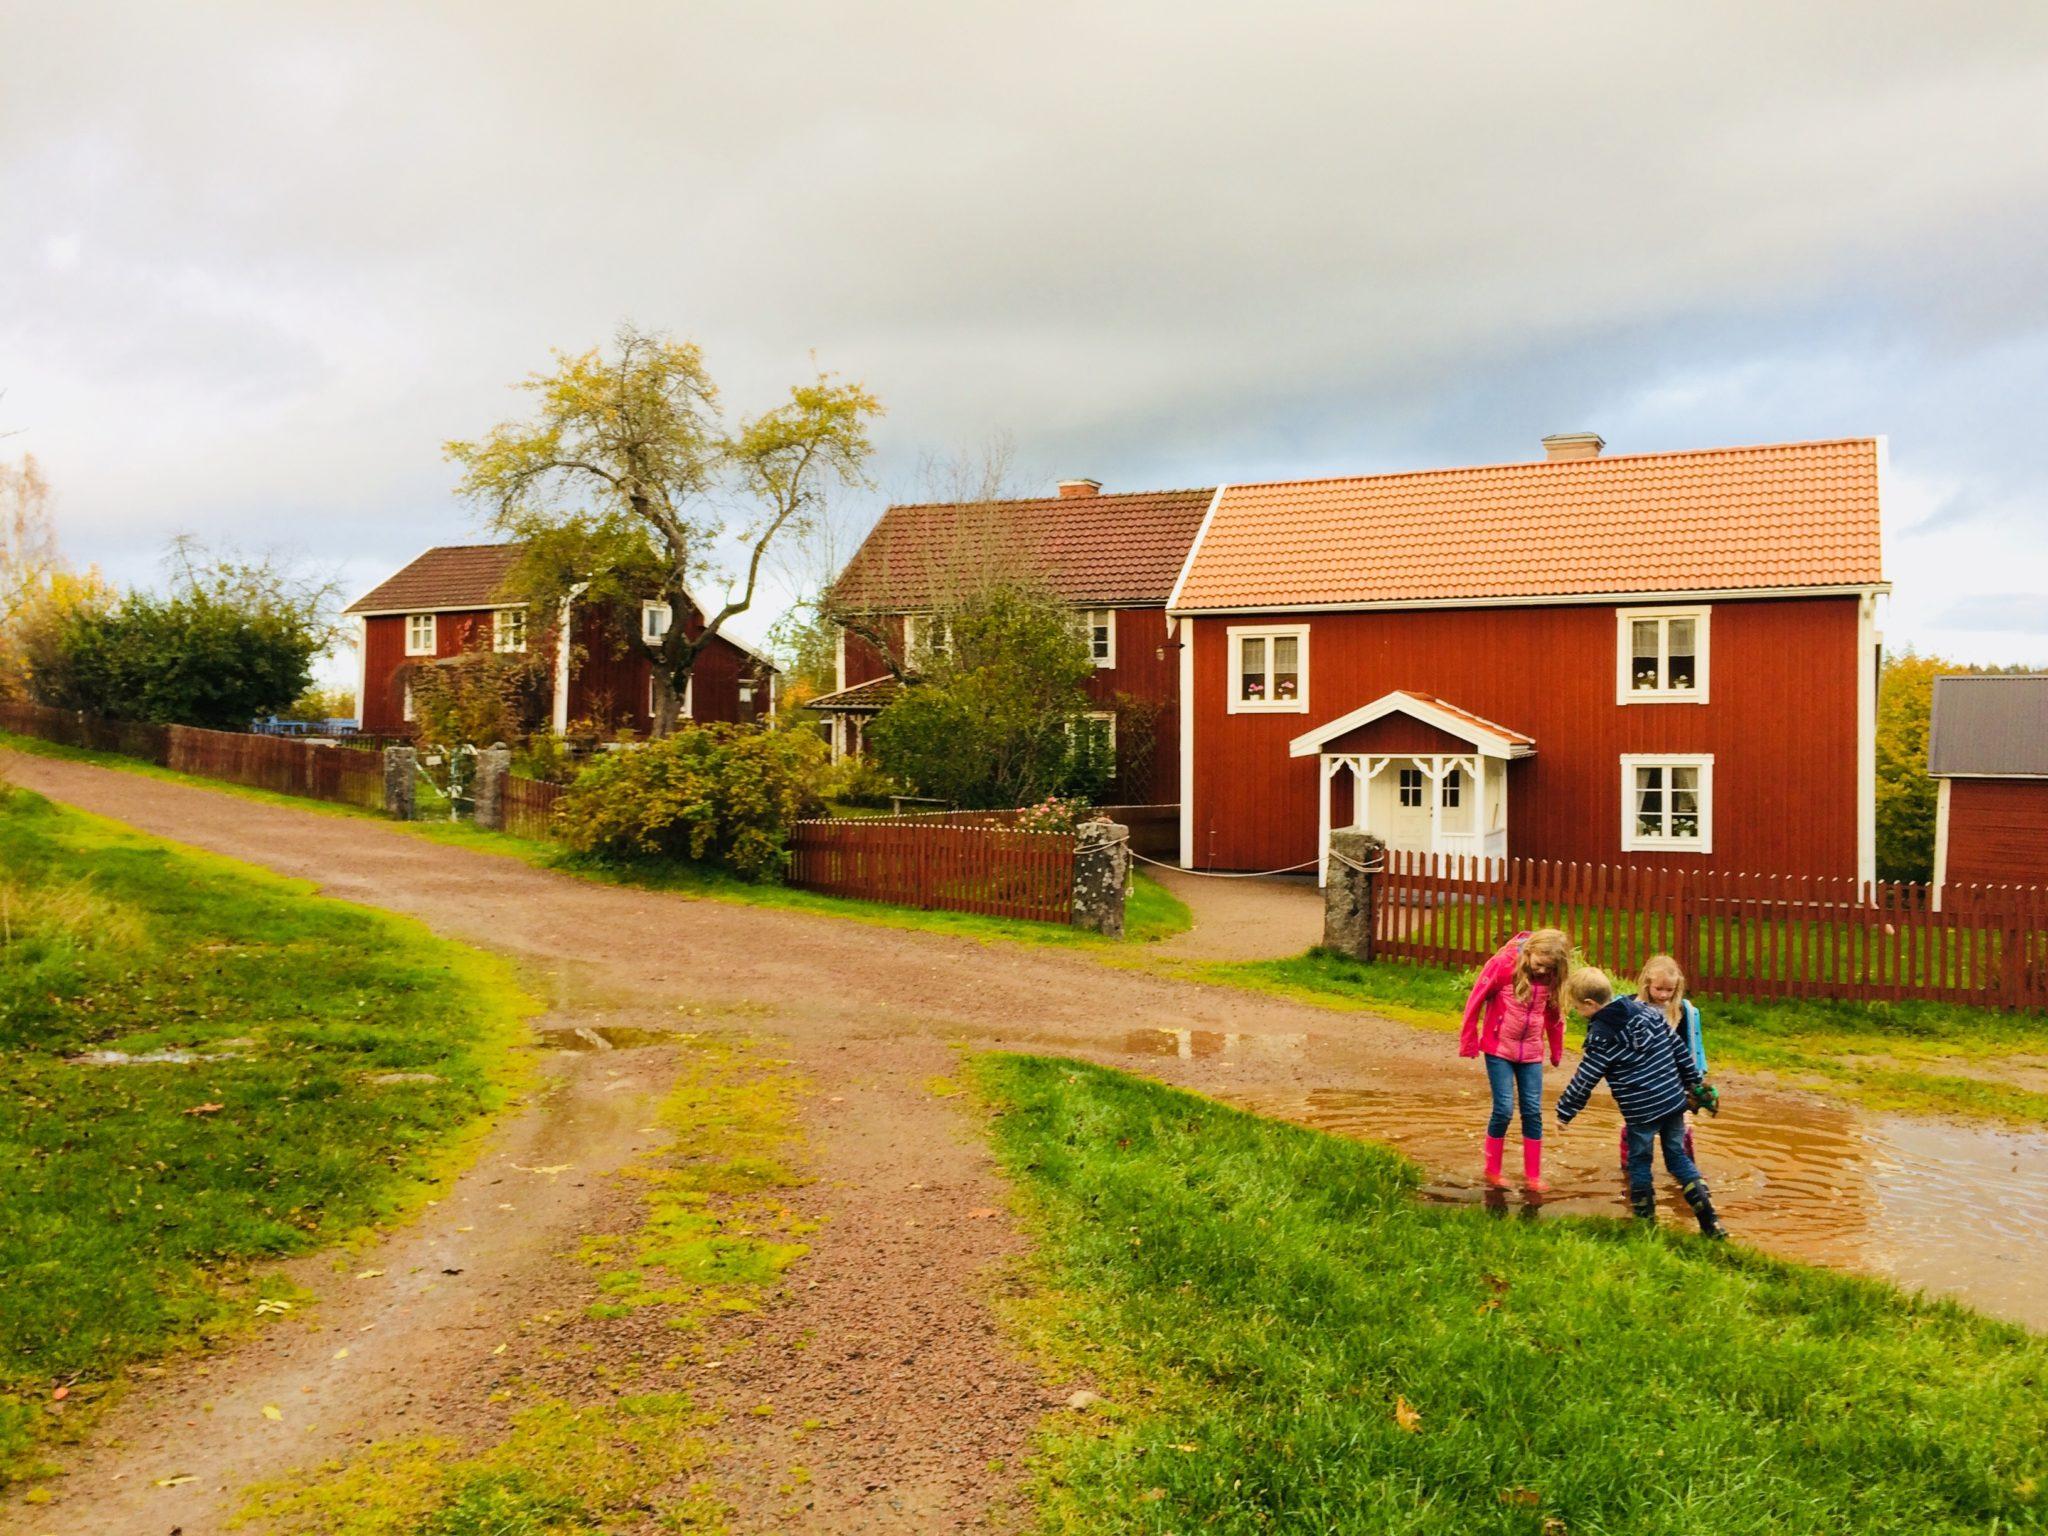 Astrid Lindgren Bullerbü Schweden Smaland Michel Lönneberga Vimmerby Familienurlaub reisen mit Kindern